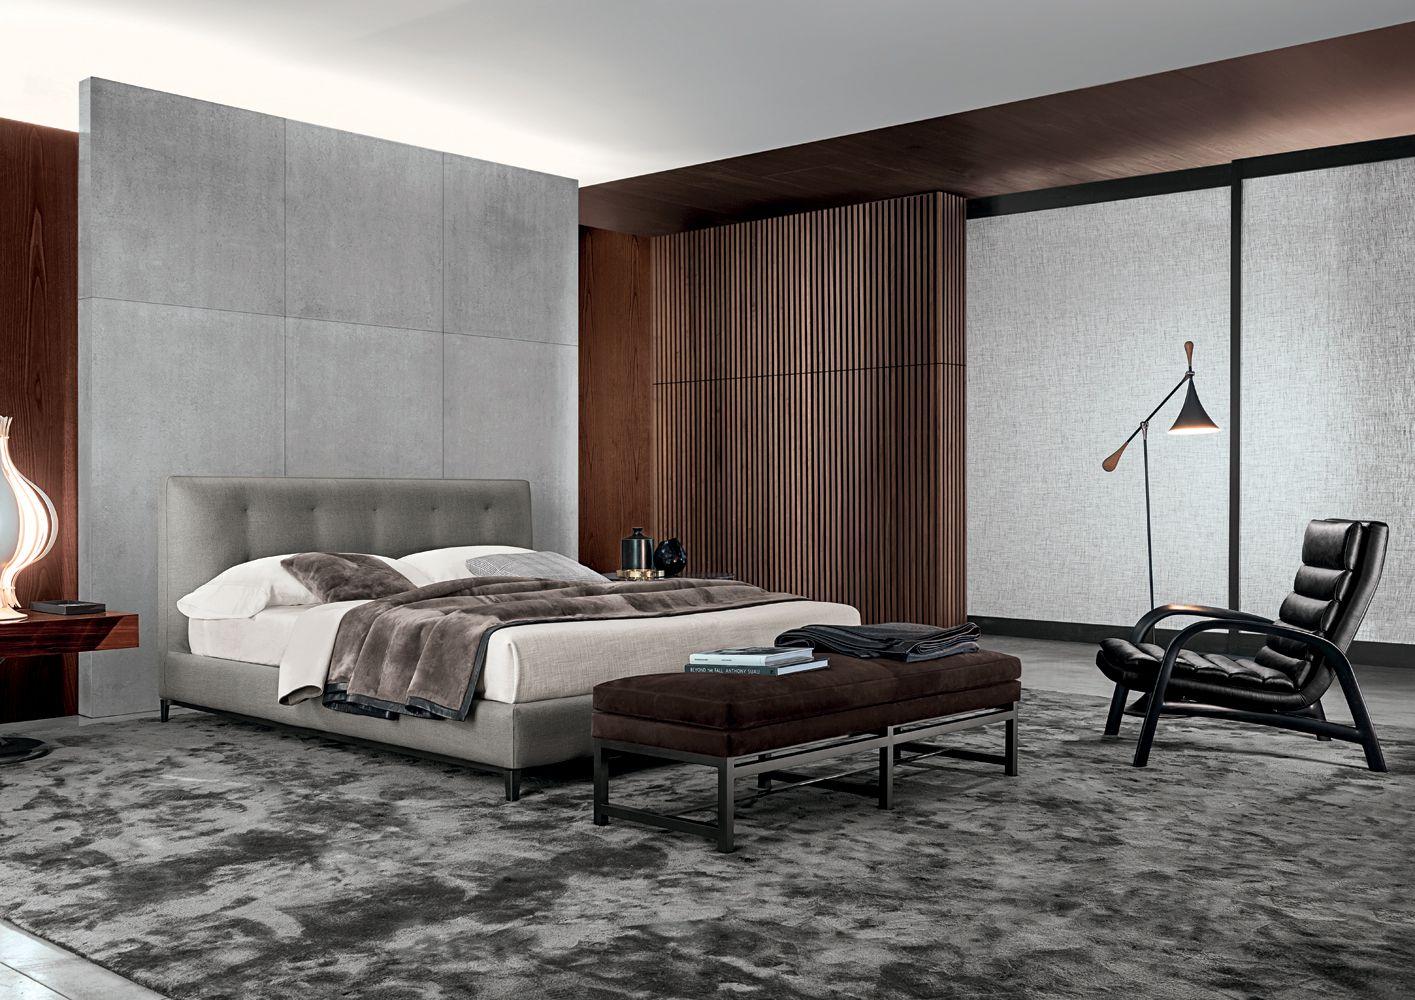 minotti ipad betten de andersen bed quilt home. Black Bedroom Furniture Sets. Home Design Ideas